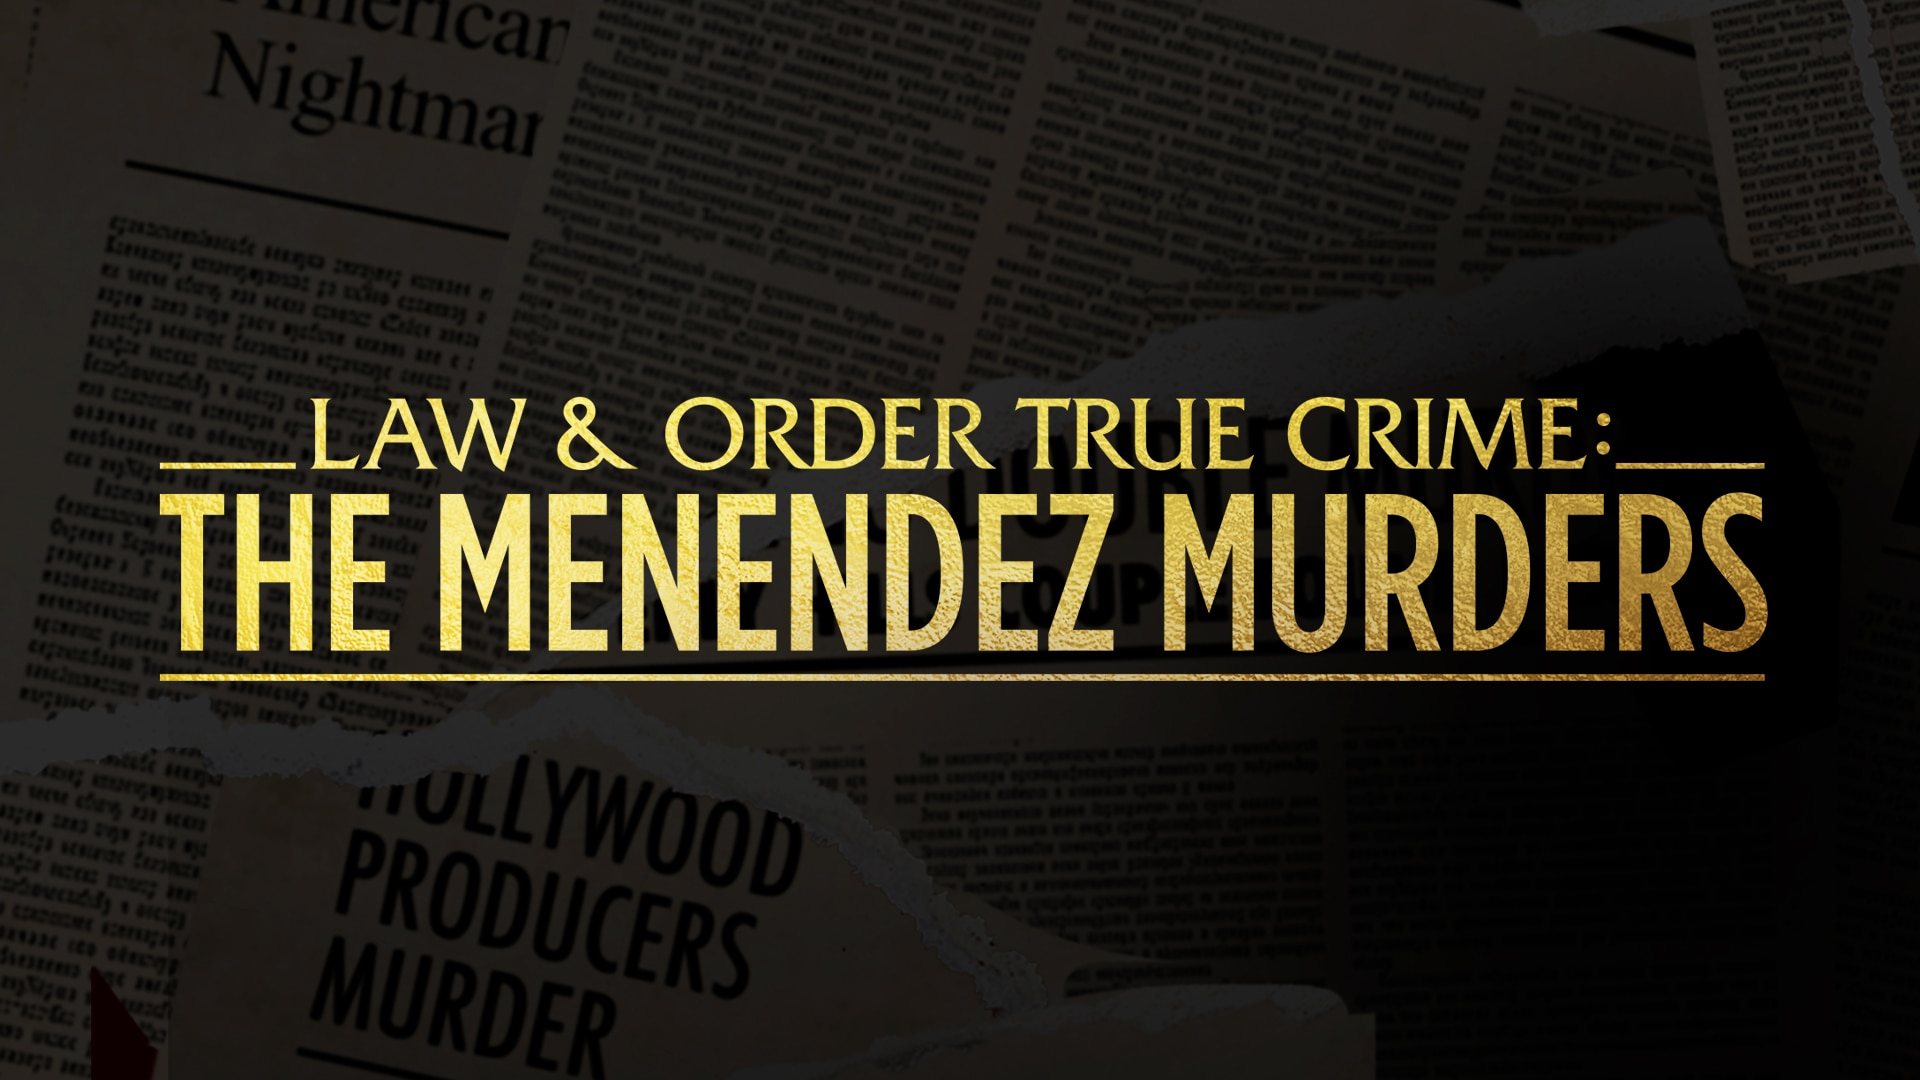 Law & Order True Crime - NBC com